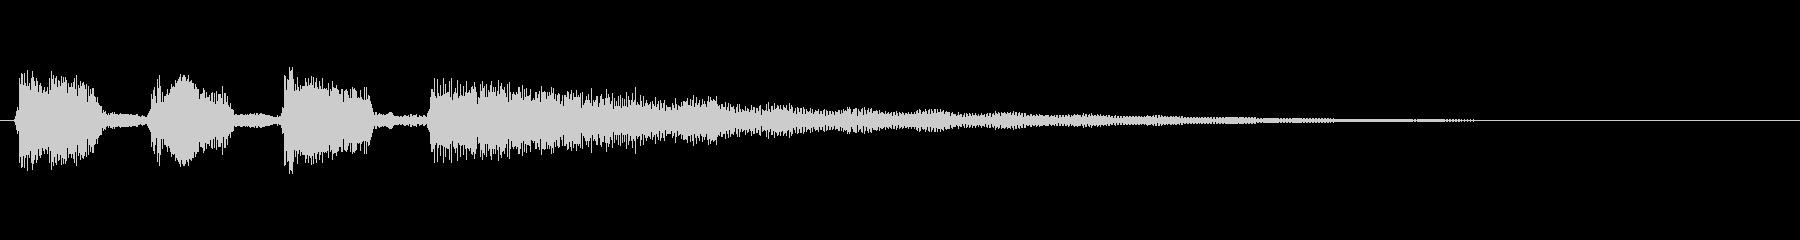 失敗した時の音。エレキギター。の未再生の波形